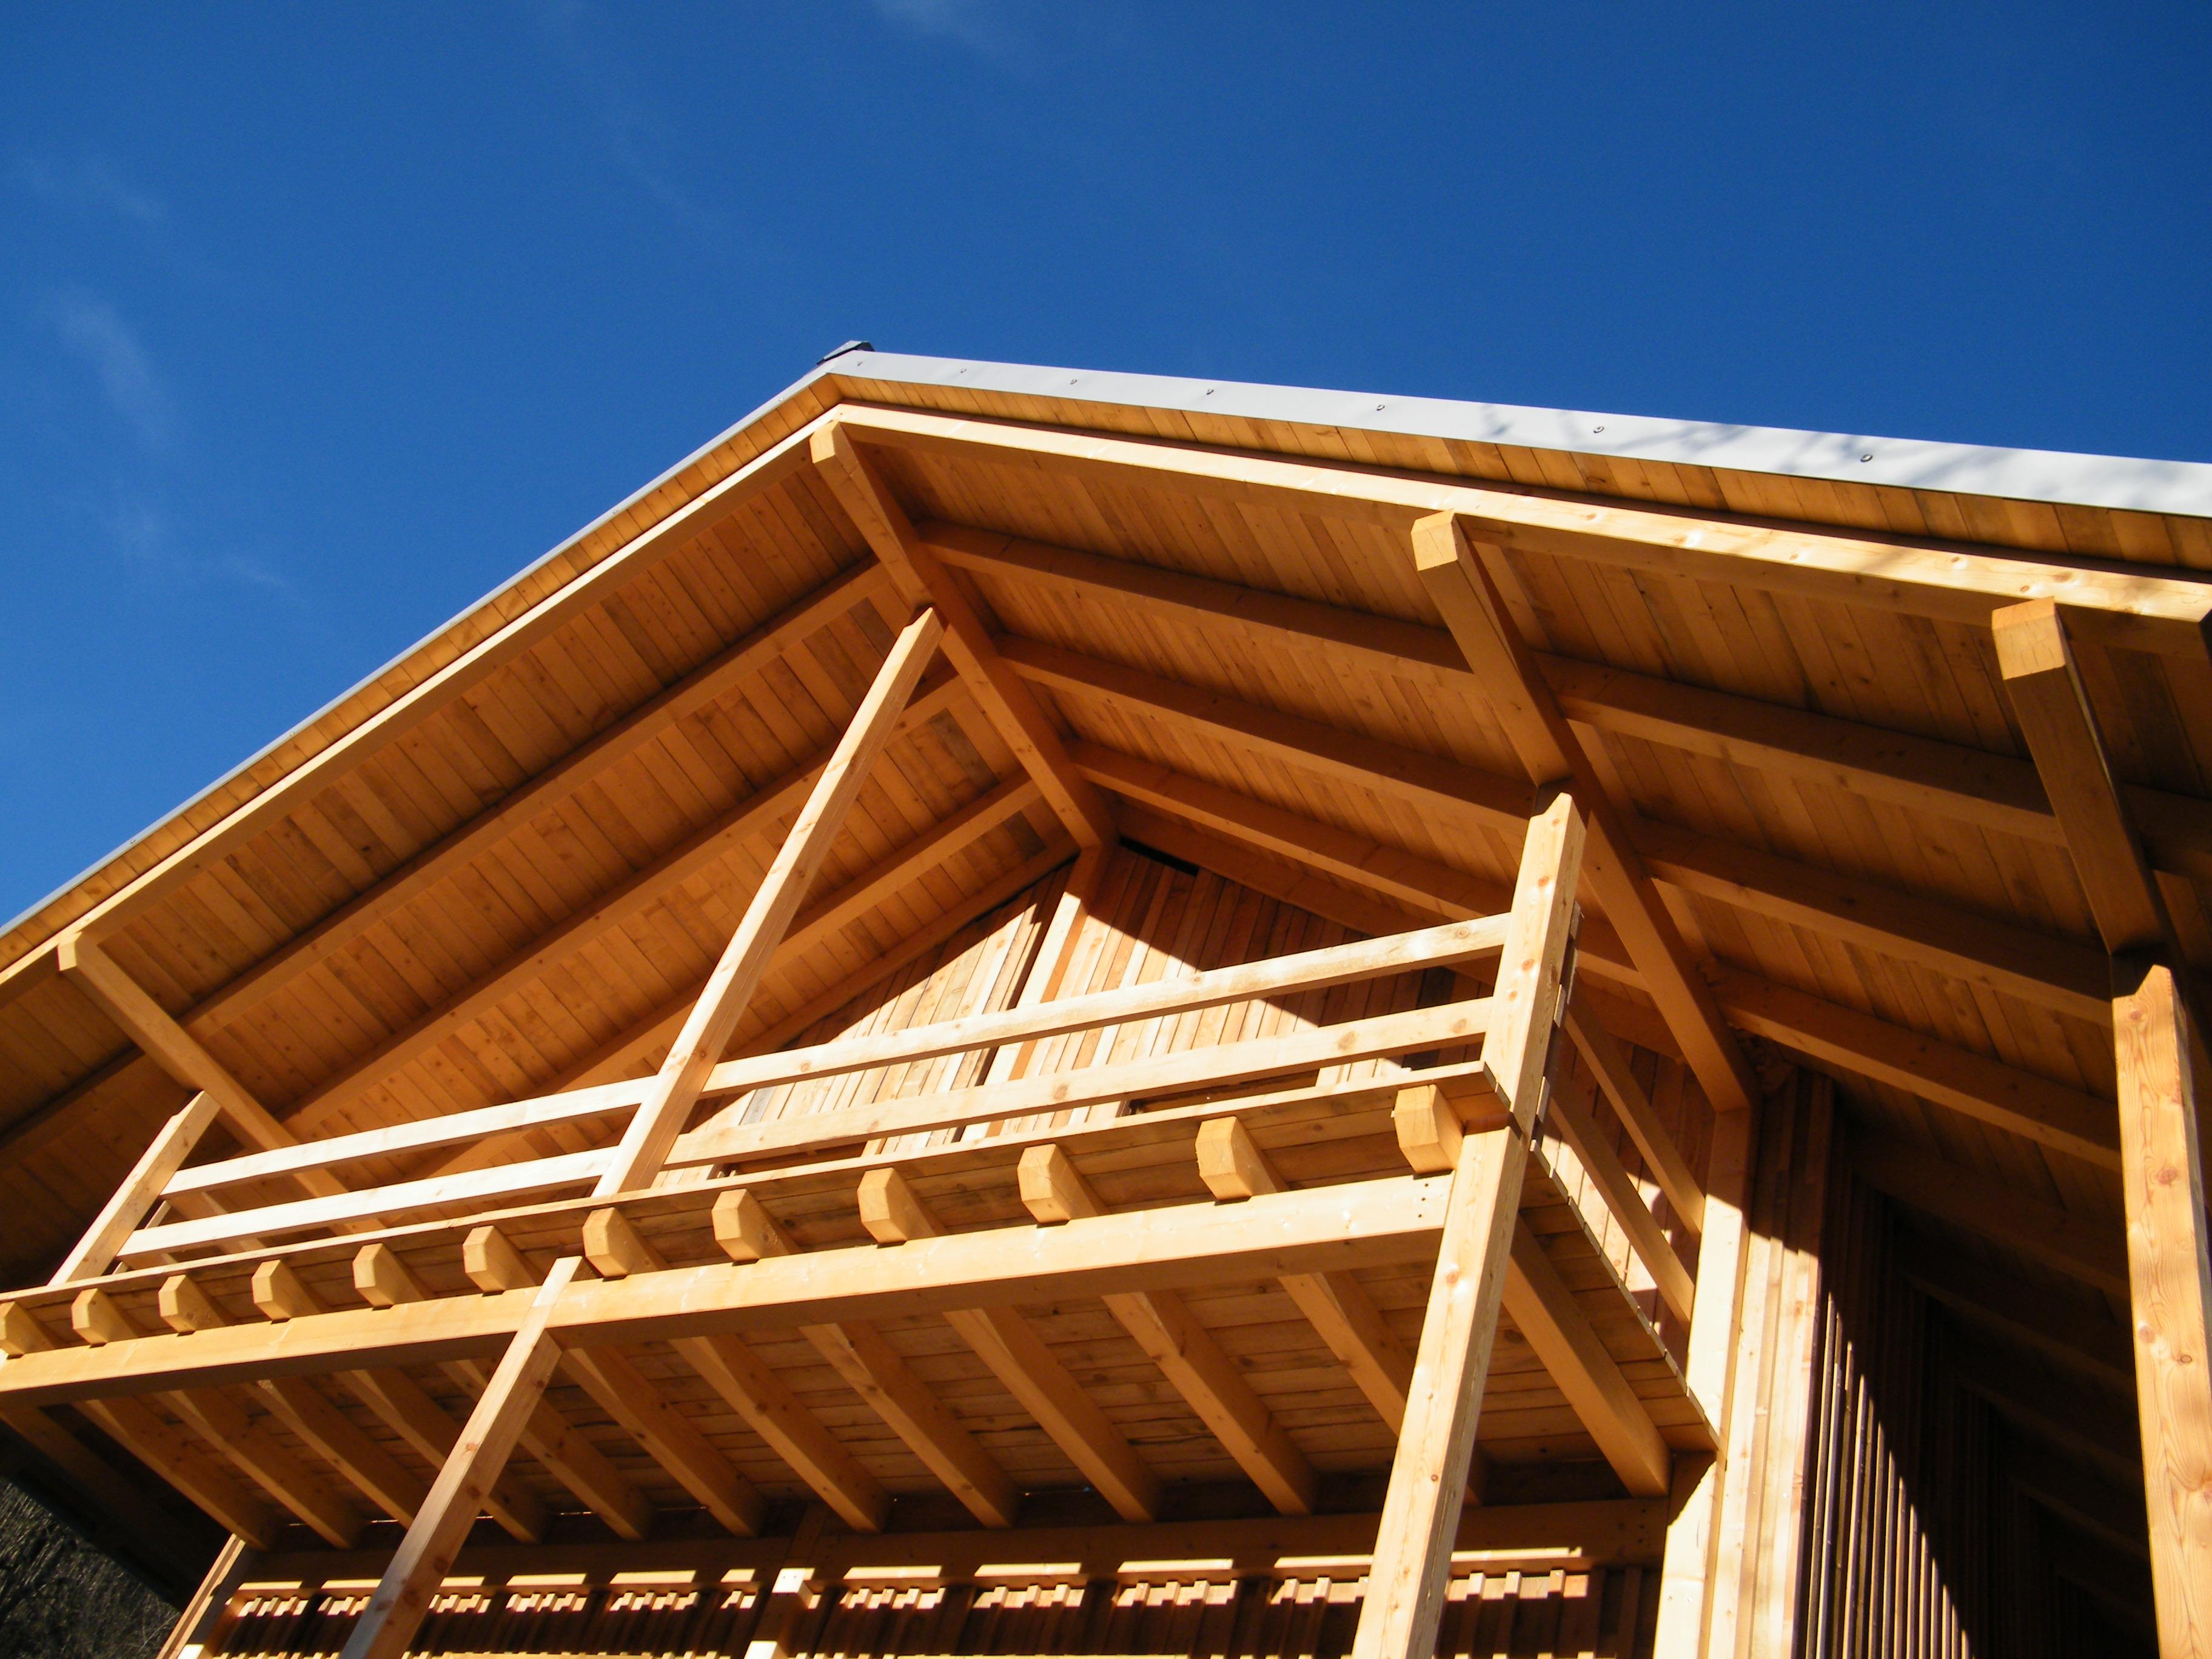 Vivere in una casa di legno: costruire un sogno partendo da zero